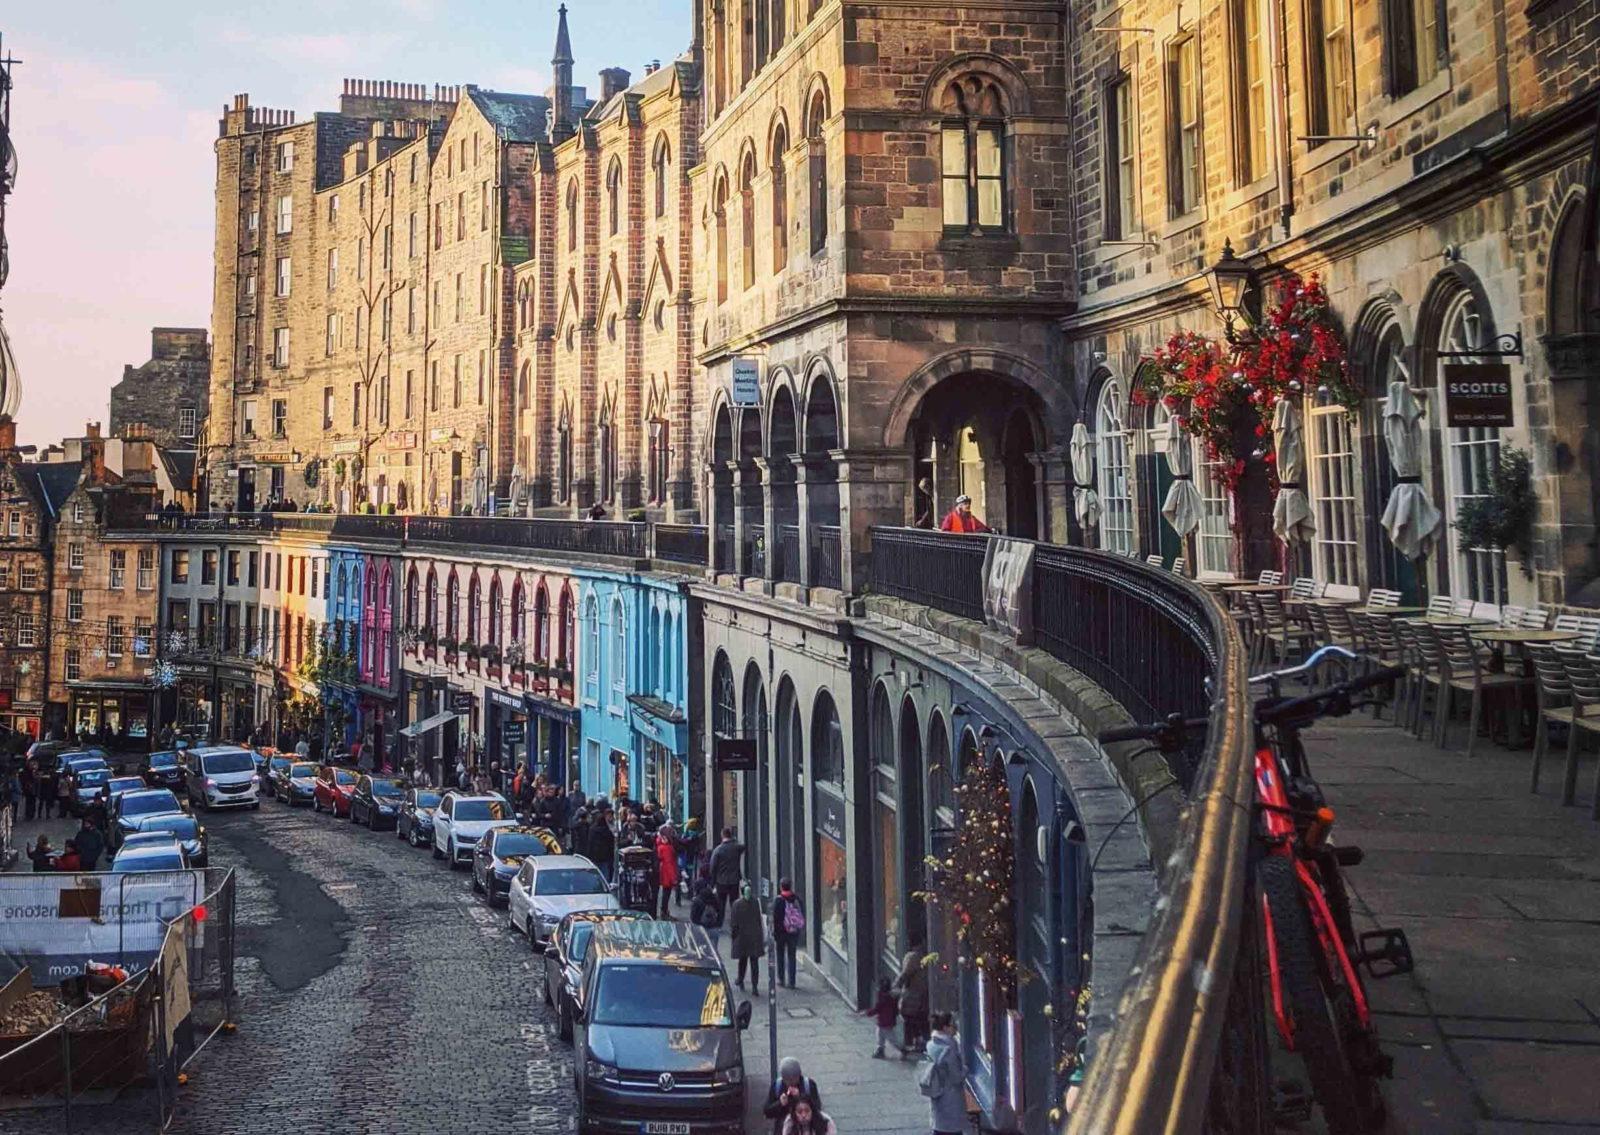 Edinburgh lanceert online platform voor veilige openbare ruimte